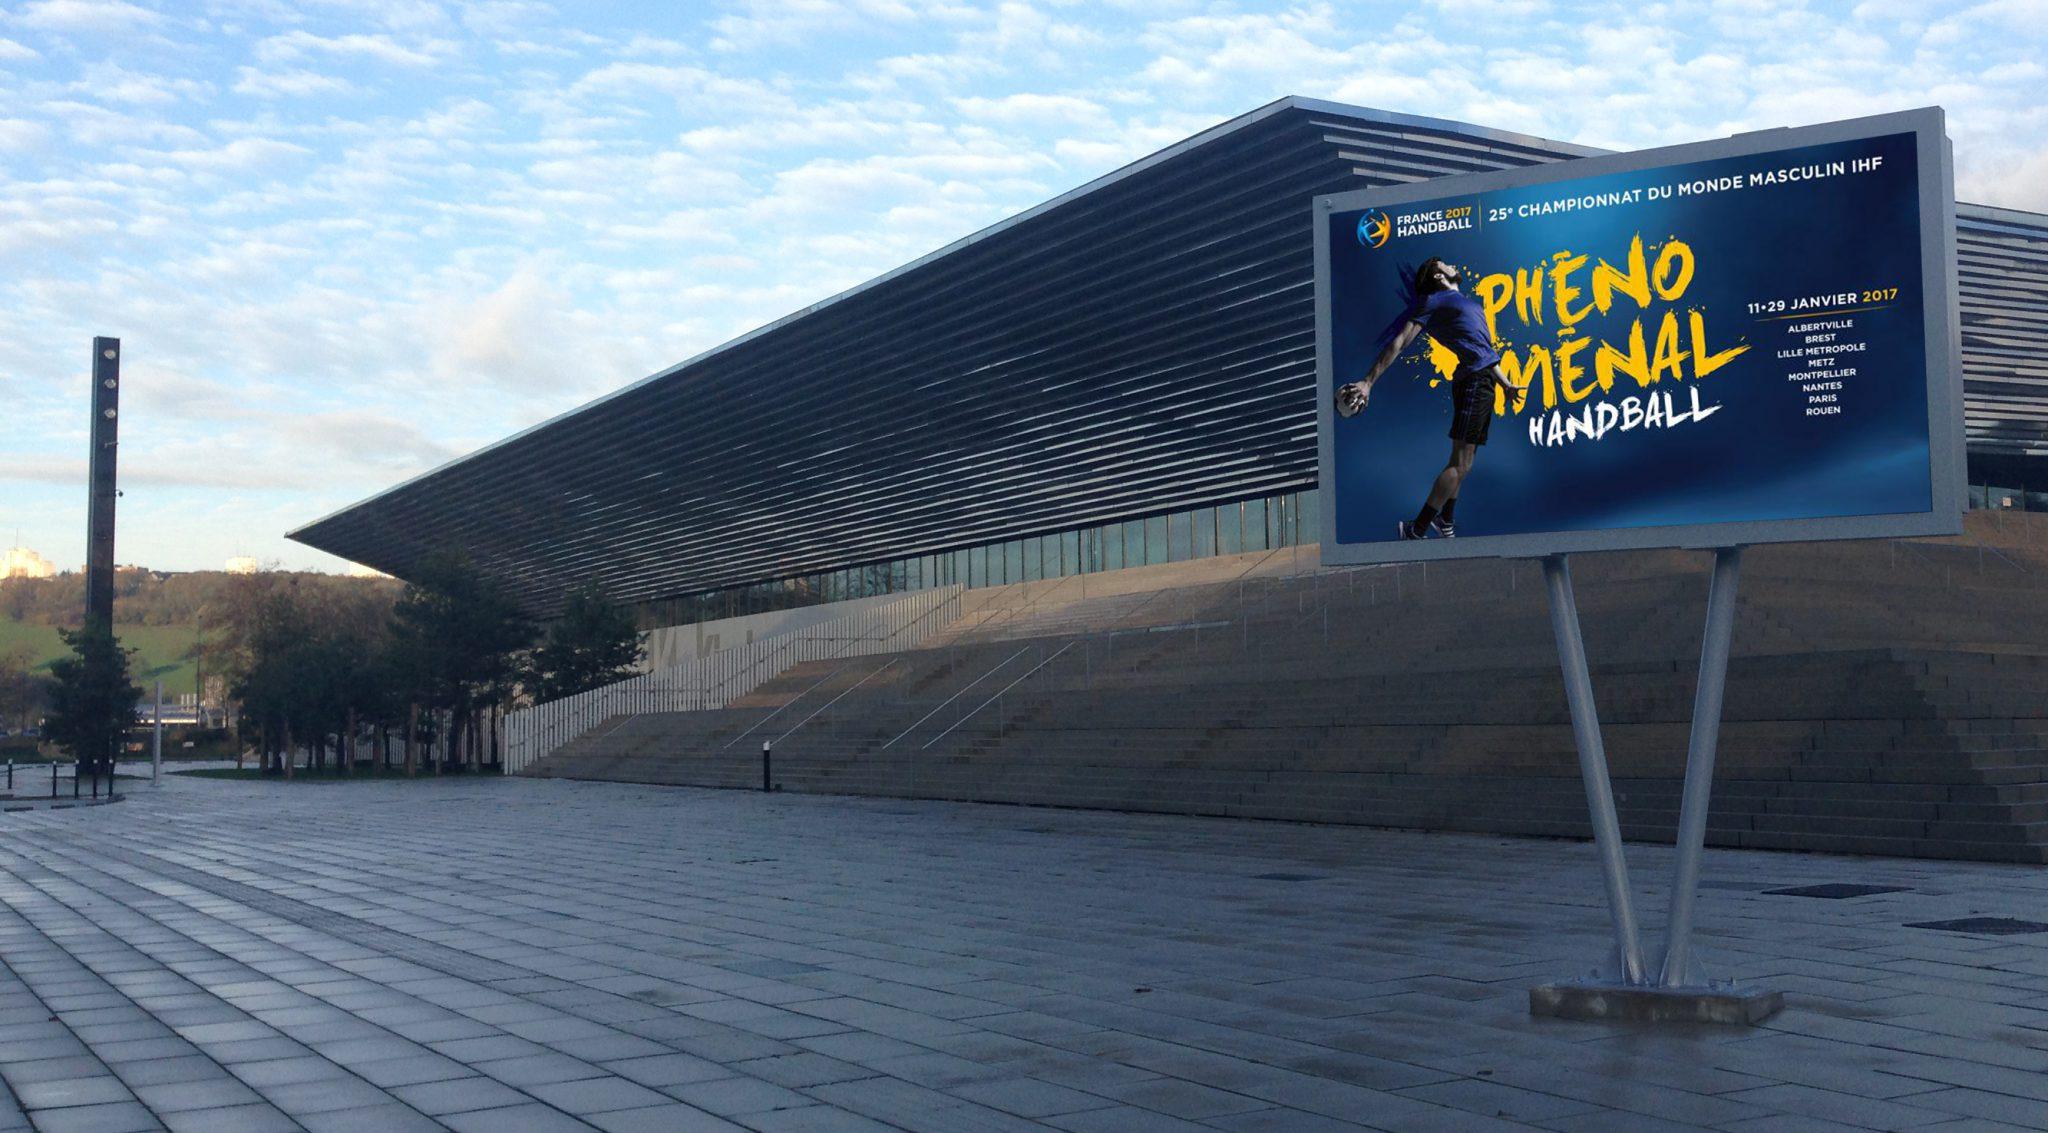 Panneau publicitaire led de Rouen